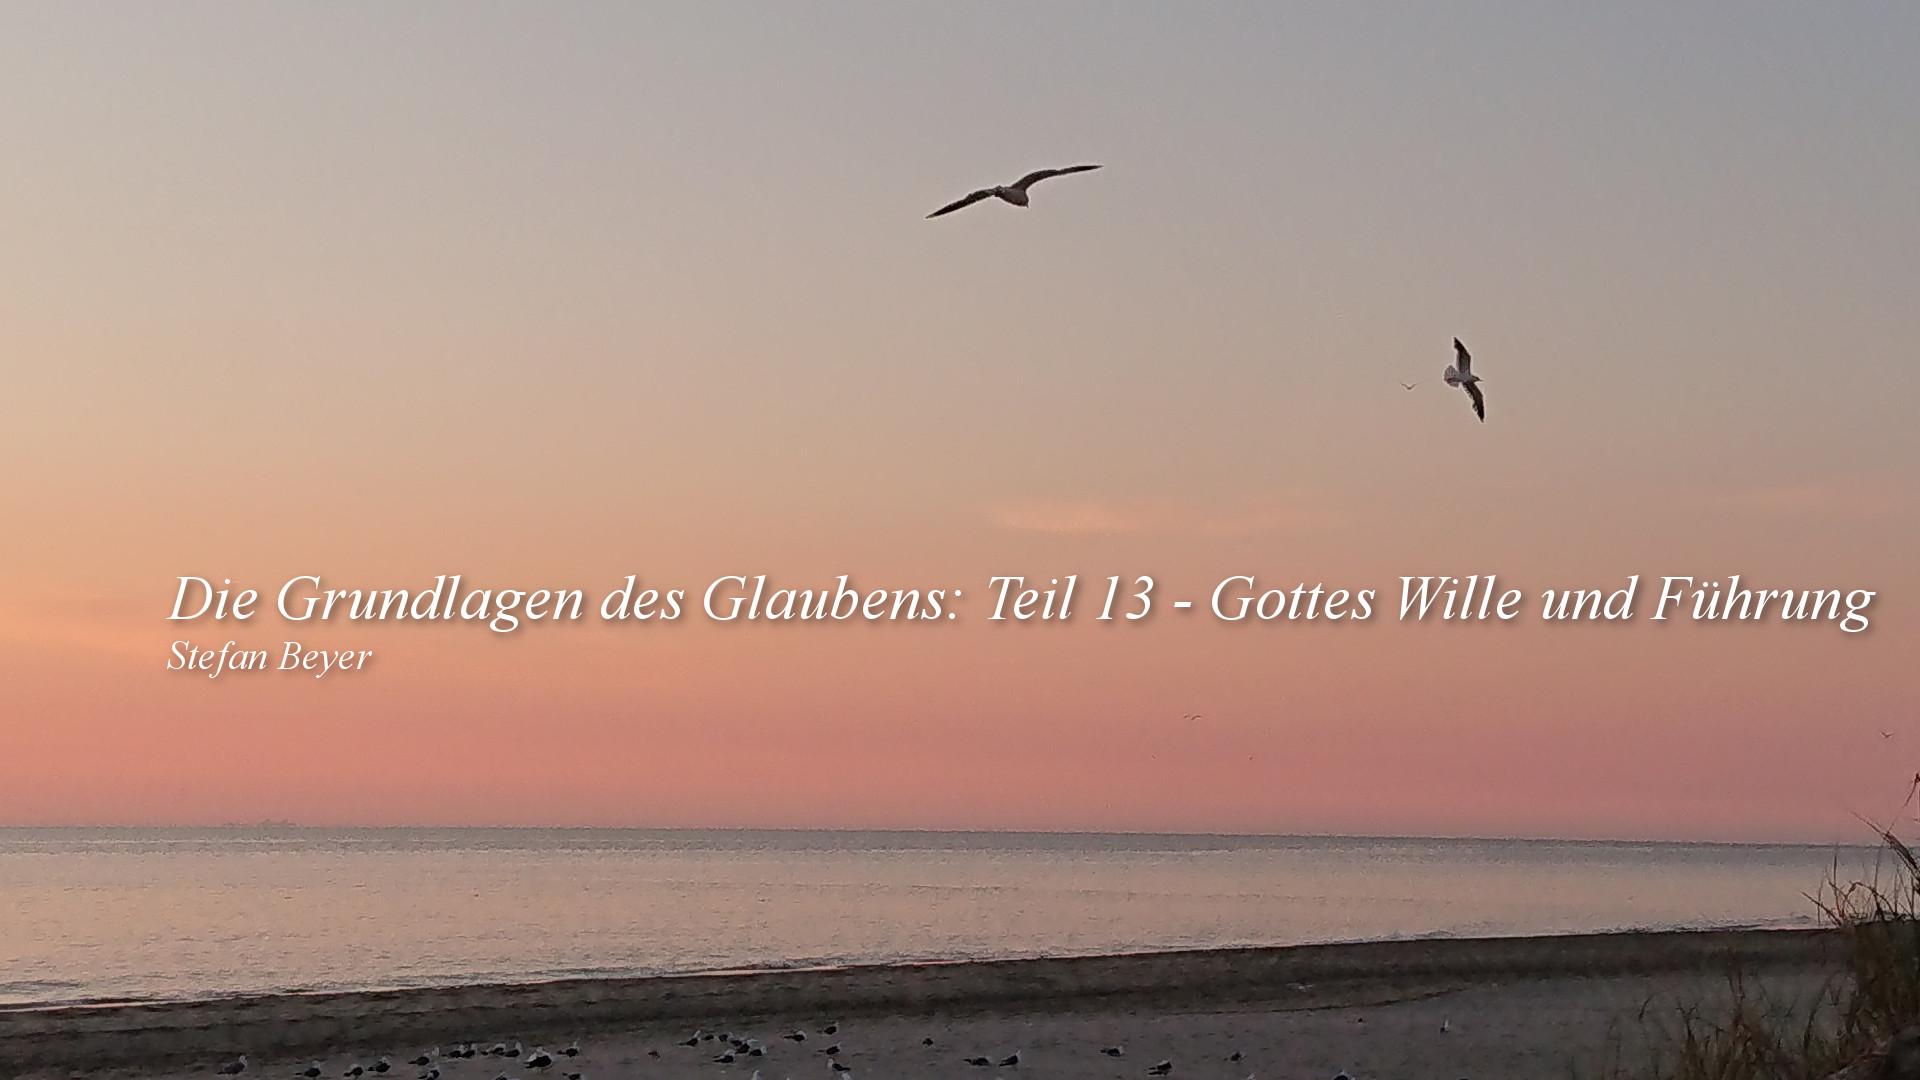 Die Grundlagen des Glaubens Teil 13 – Gottes Wille und Führung